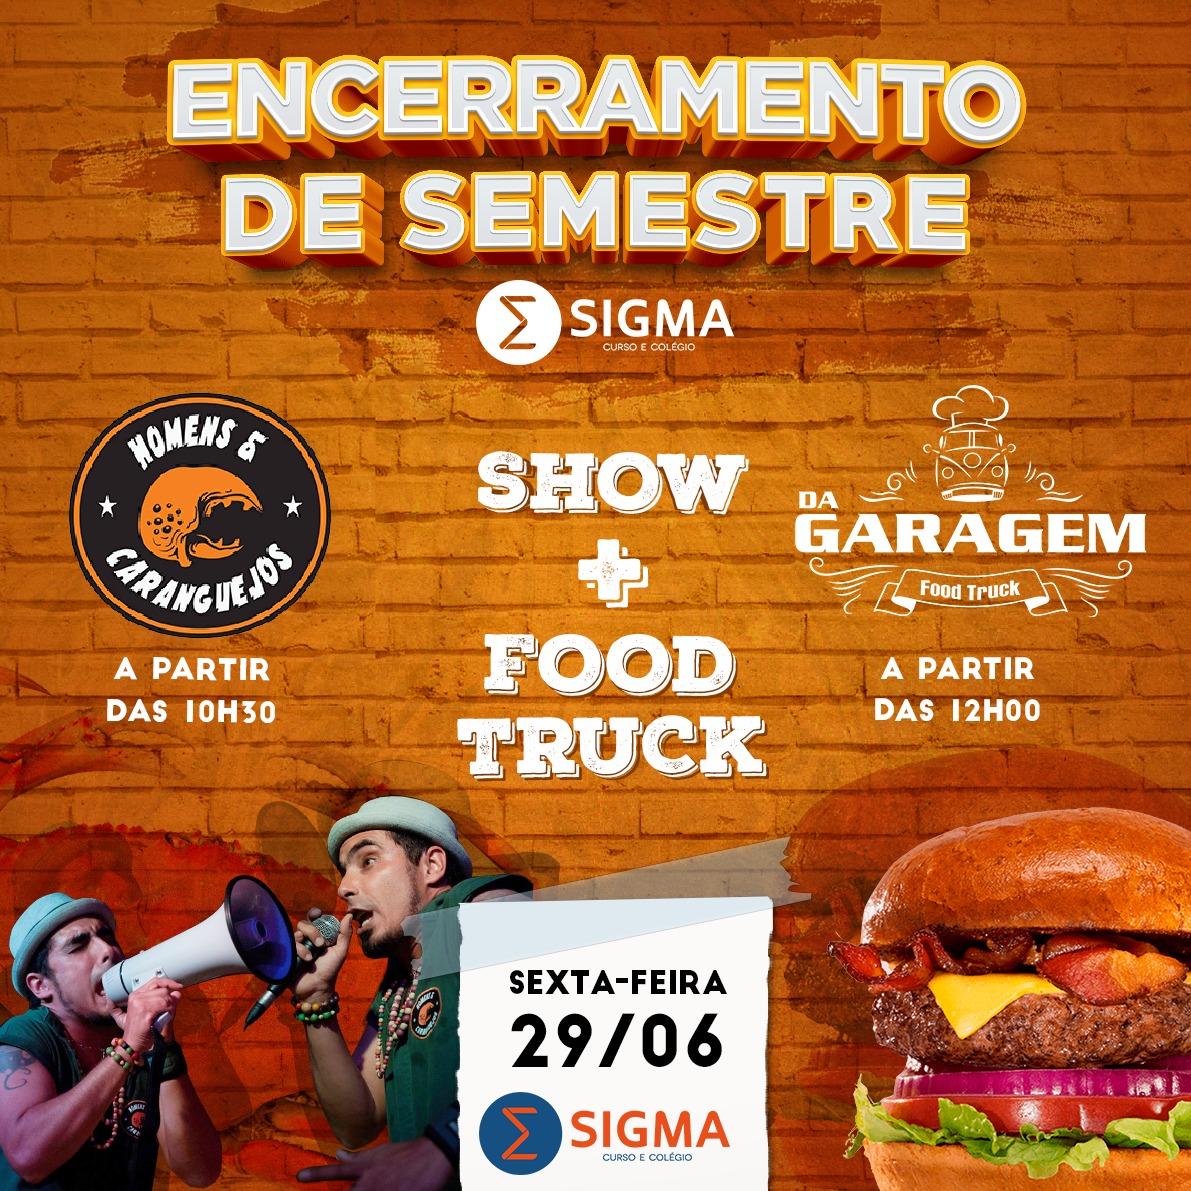 Sigma encerra semestre com food truck e show de mangue-beat